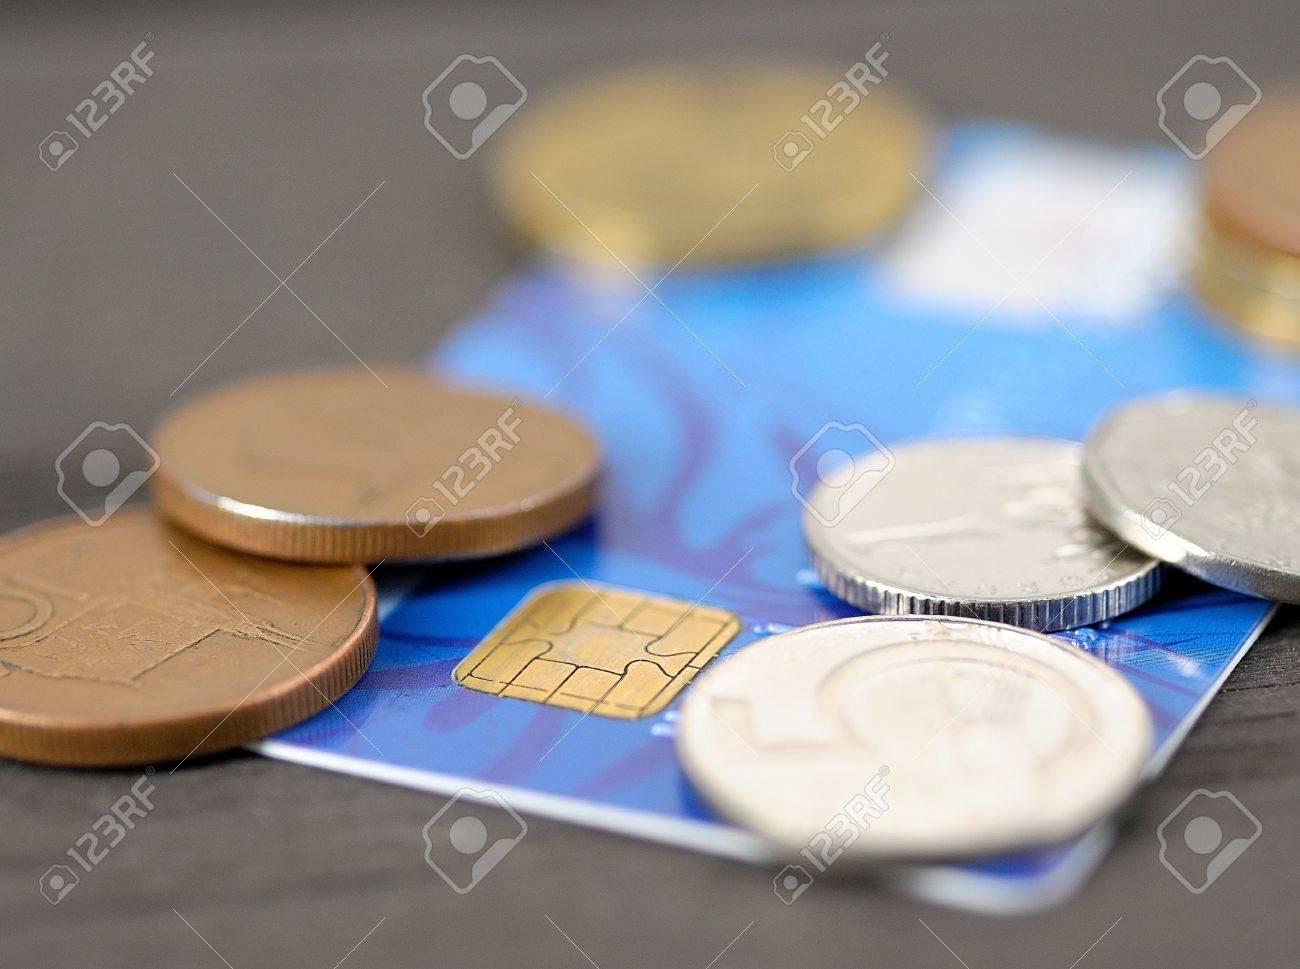 Makroaufnahme Alte Blaue Kreditkarte Mit Tschechischen Münzen Krone